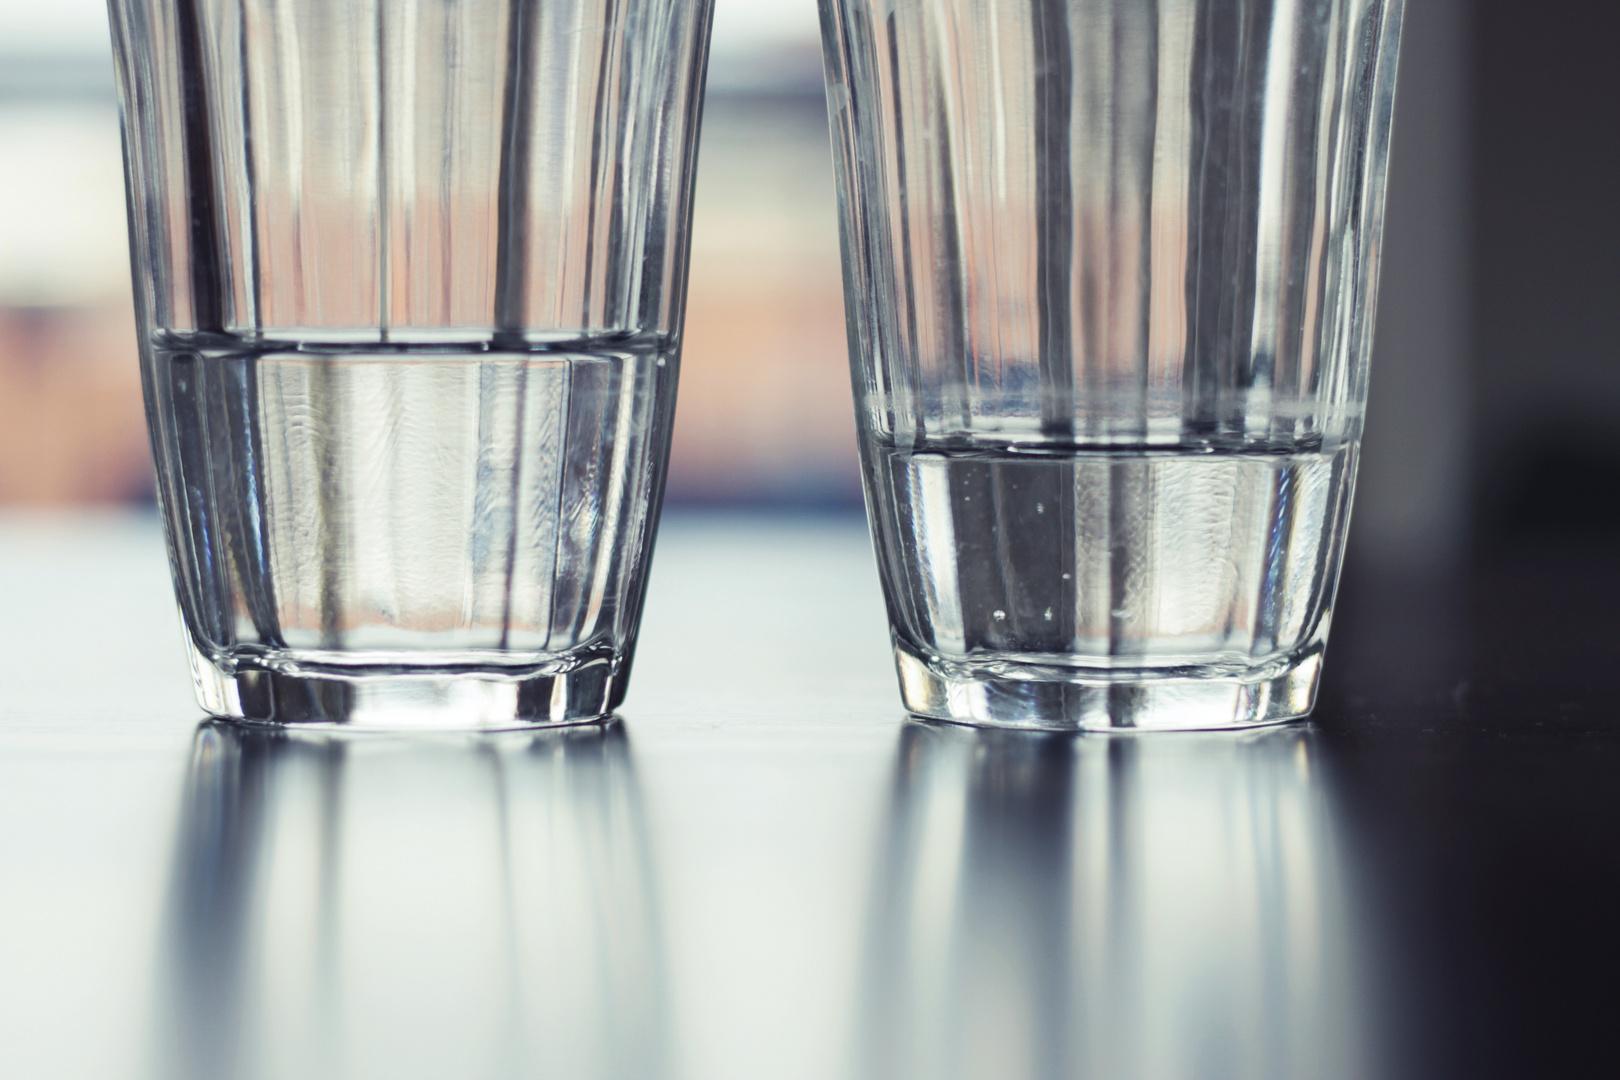 Ist das Glas halbvoll oder halbleer?